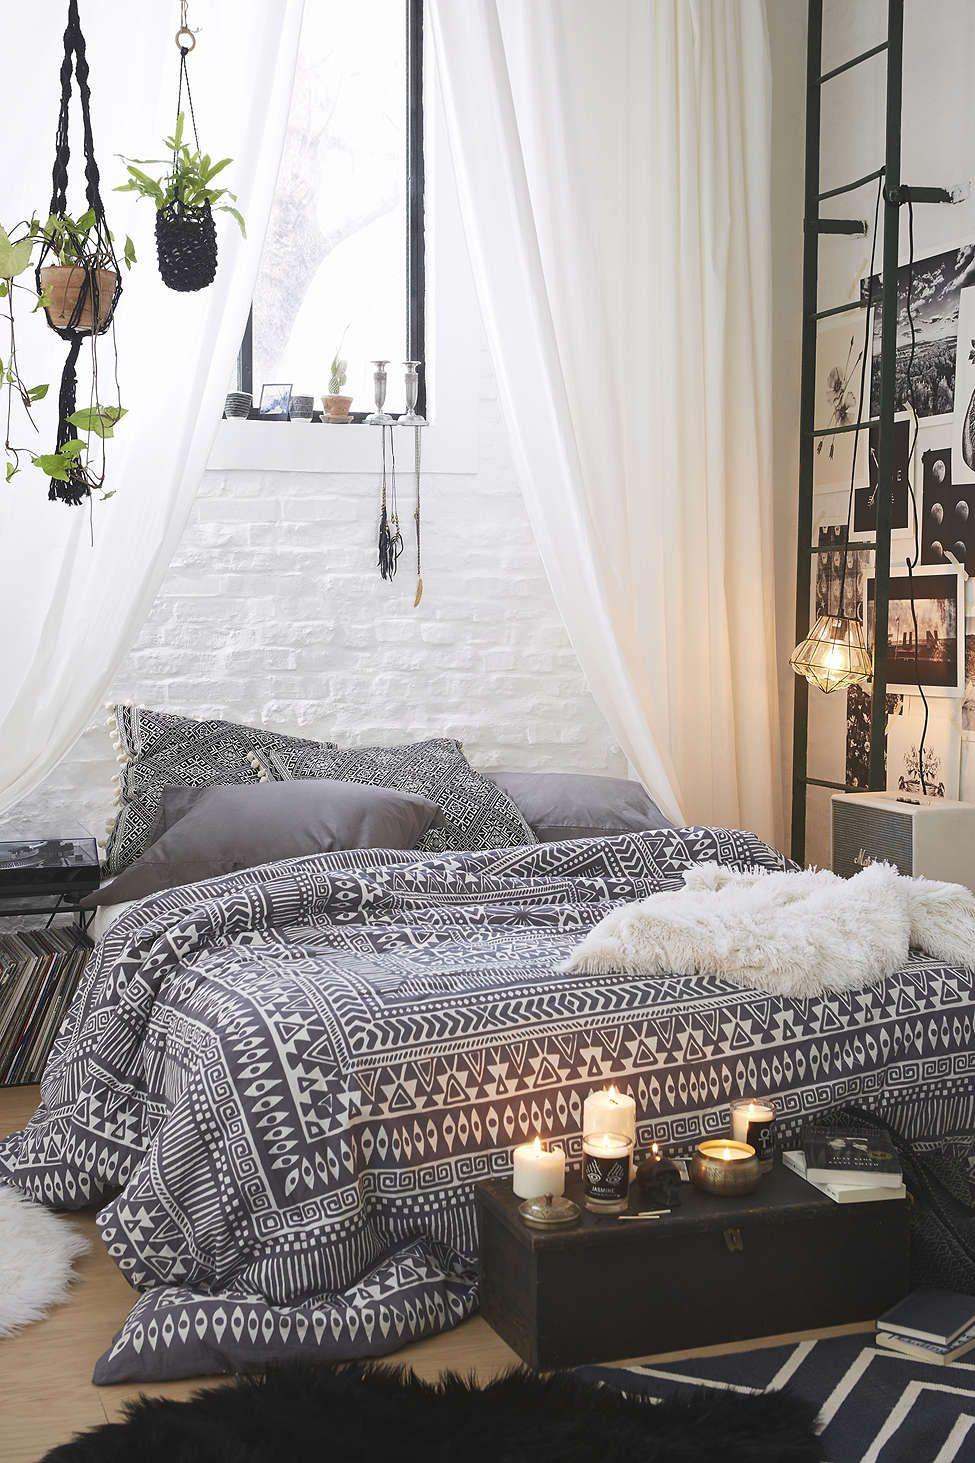 urbanoutfitters com room pinterest schlafzimmer schlafzimmer ideen und zuhause. Black Bedroom Furniture Sets. Home Design Ideas